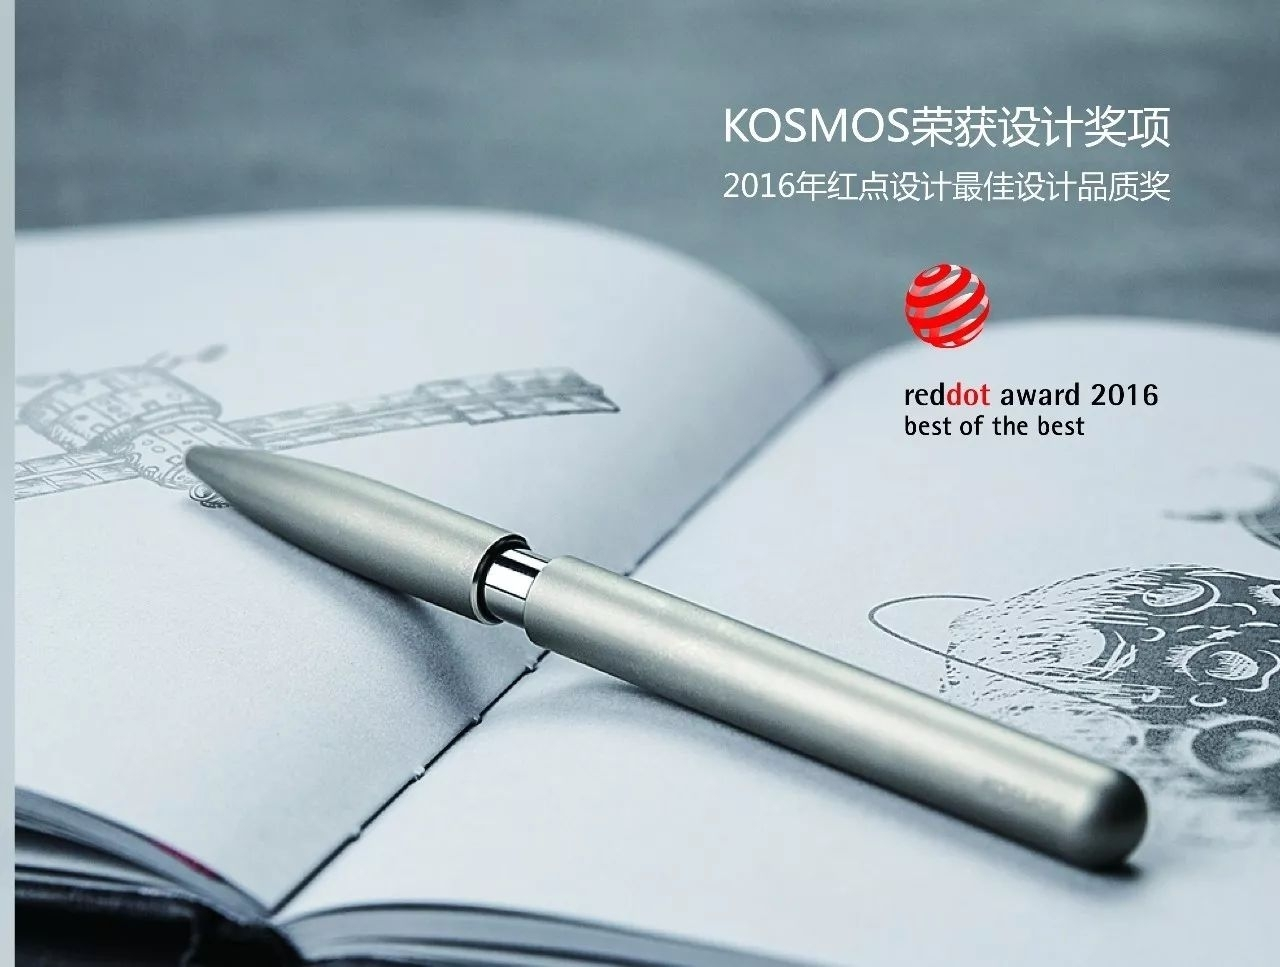 用磁力控制笔帽的KOSMOS圆珠笔 获2016红点设计奖